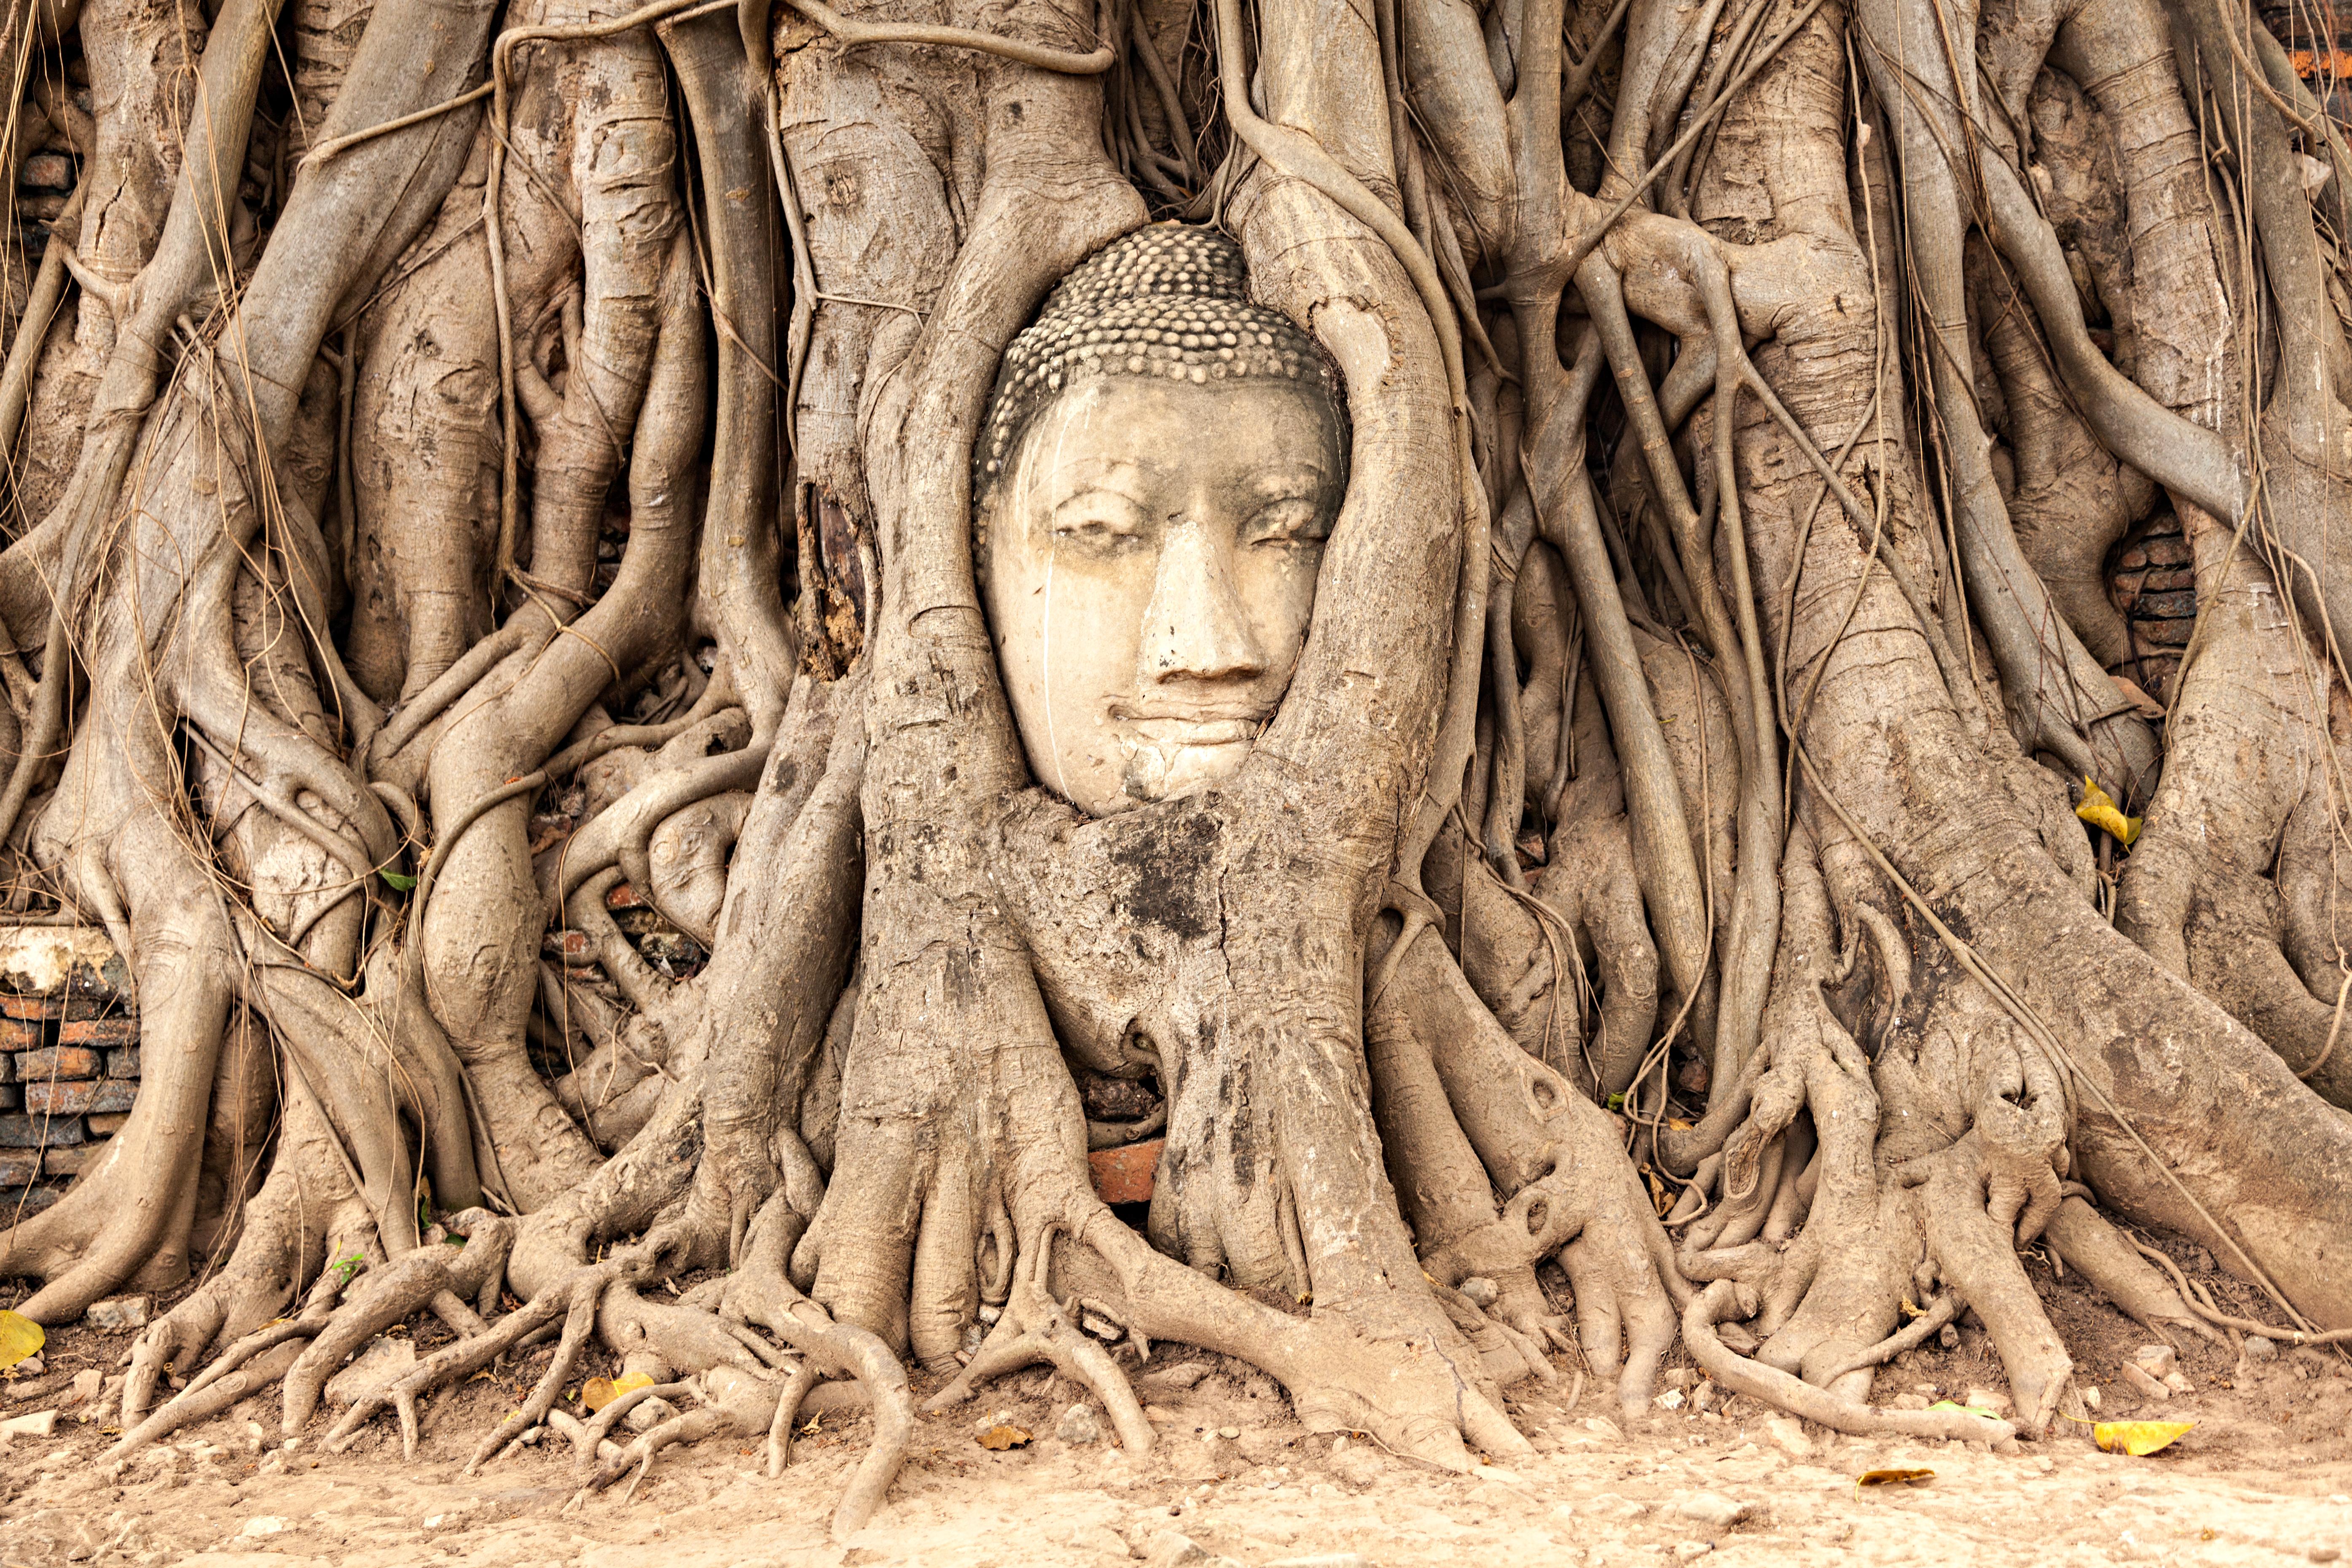 Ayutthaya, lugar donde el pasado, presente y futuro se dan la mano - Tailandia Gran Viaje Tailandia al completo